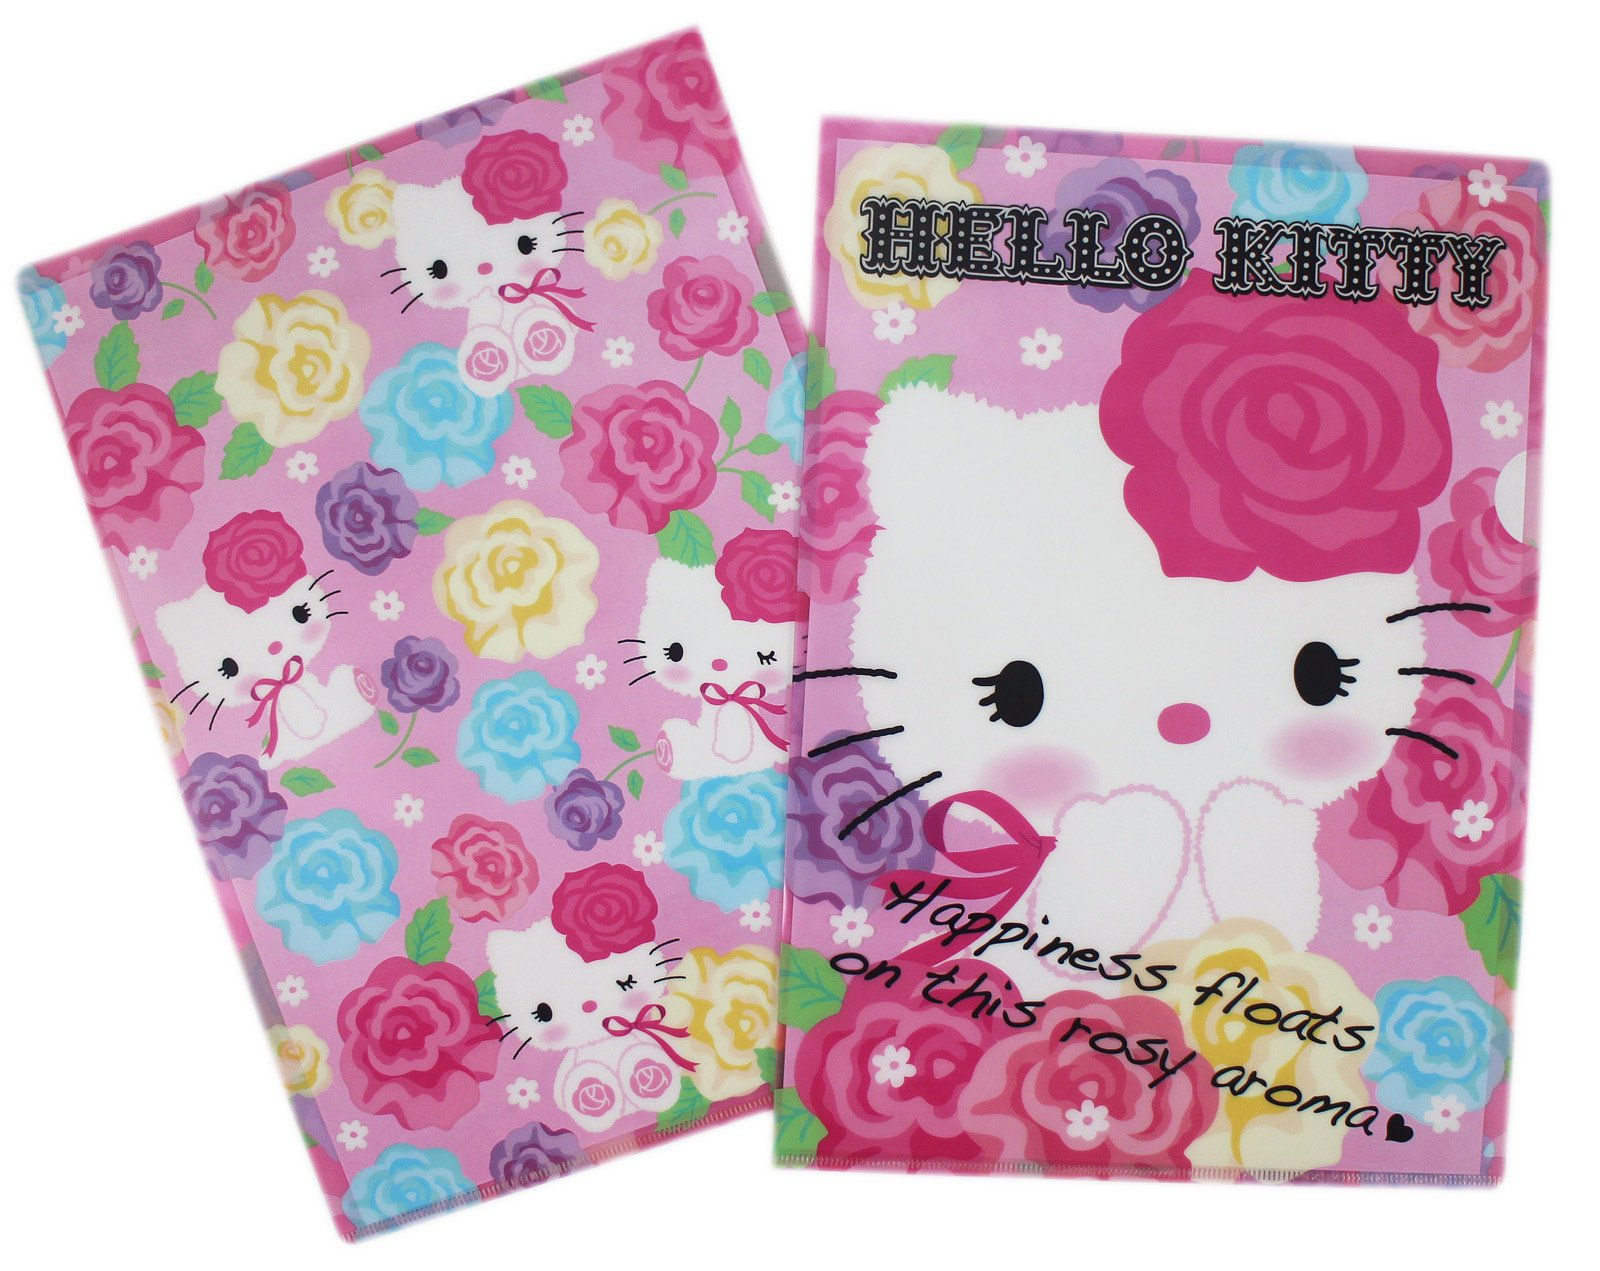 【卡漫迷】Hello Kitty 資料夾 兩入組 ㊣版 三麗鷗 凱蒂貓 L開口 文件夾 檔案夾 香港限定版